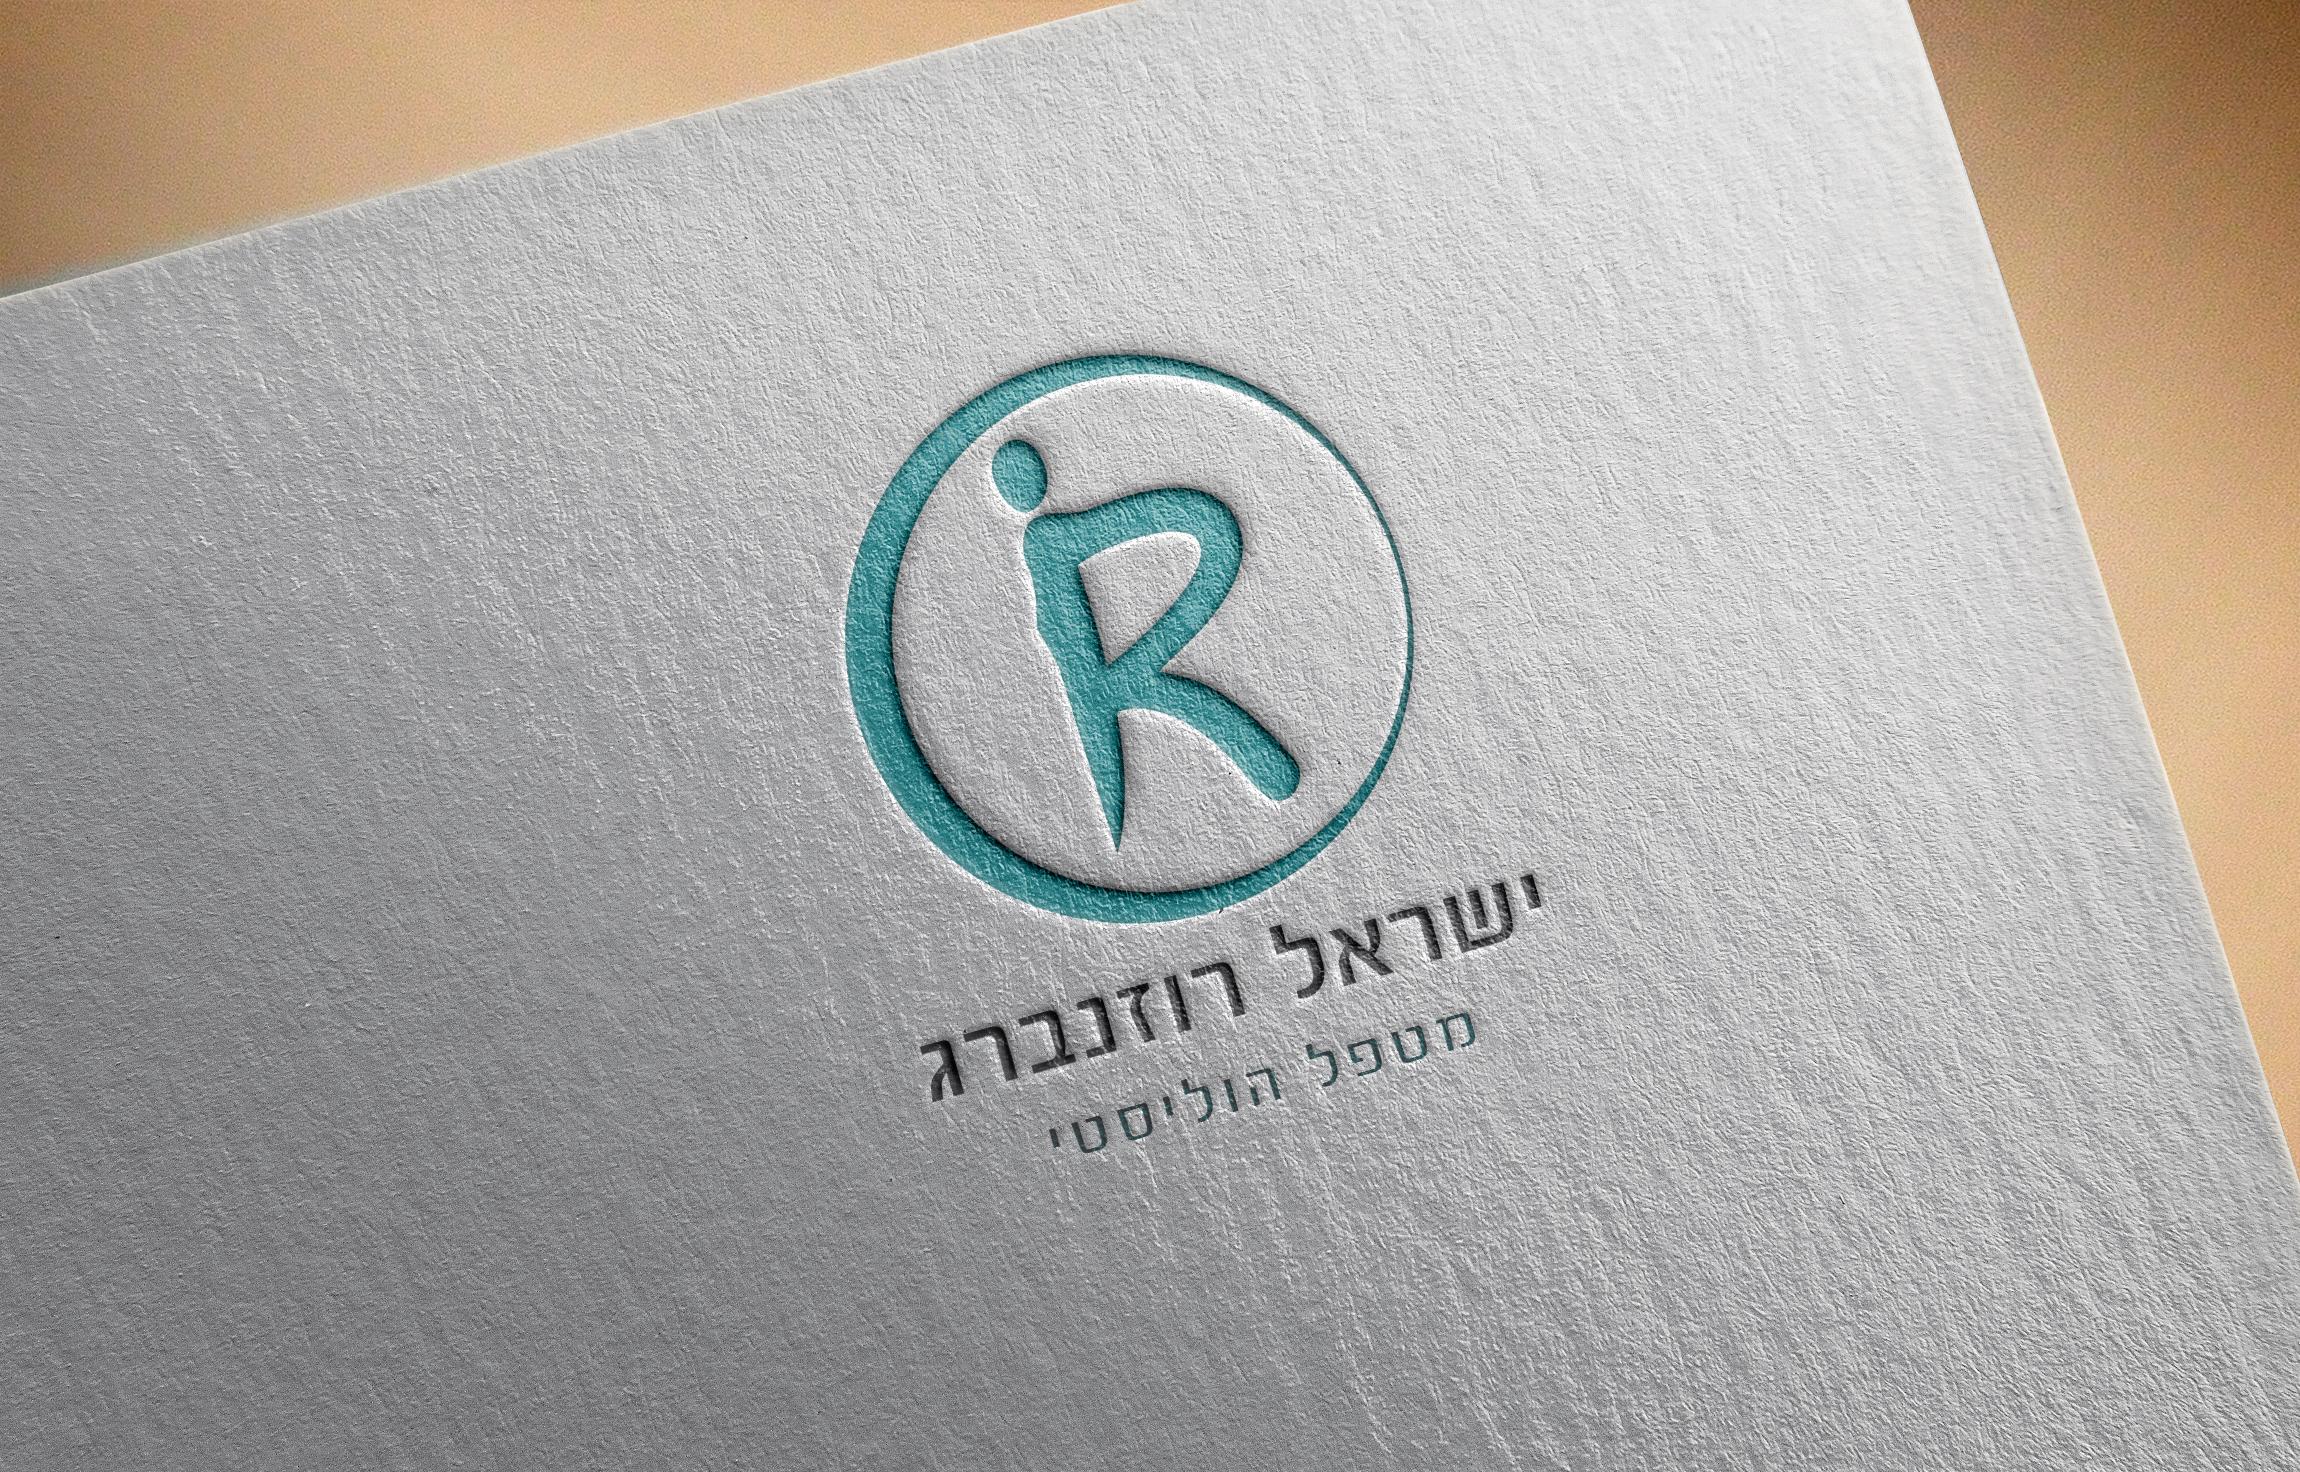 מוקאפ לוגו מוטבע צבעוני על כרטיס לבן